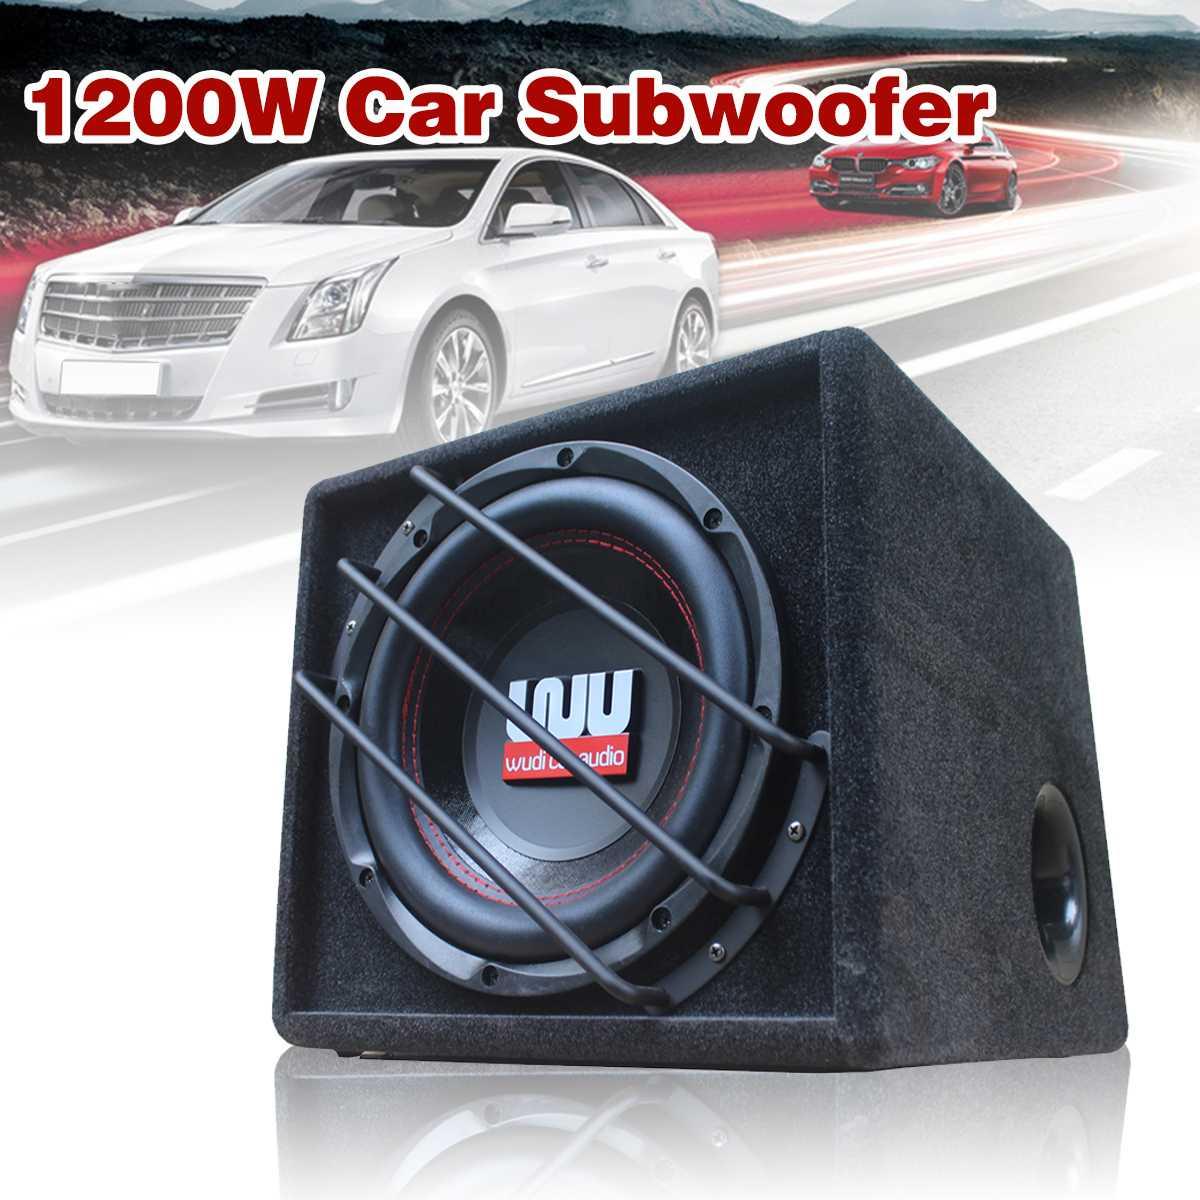 10 zoll 1200w auto subwoofer Starke Subwoofer Auto Lautsprecher Auto Super Bass Auto Audio Lautsprecher aktive Woofer Eingebaute Verstärker